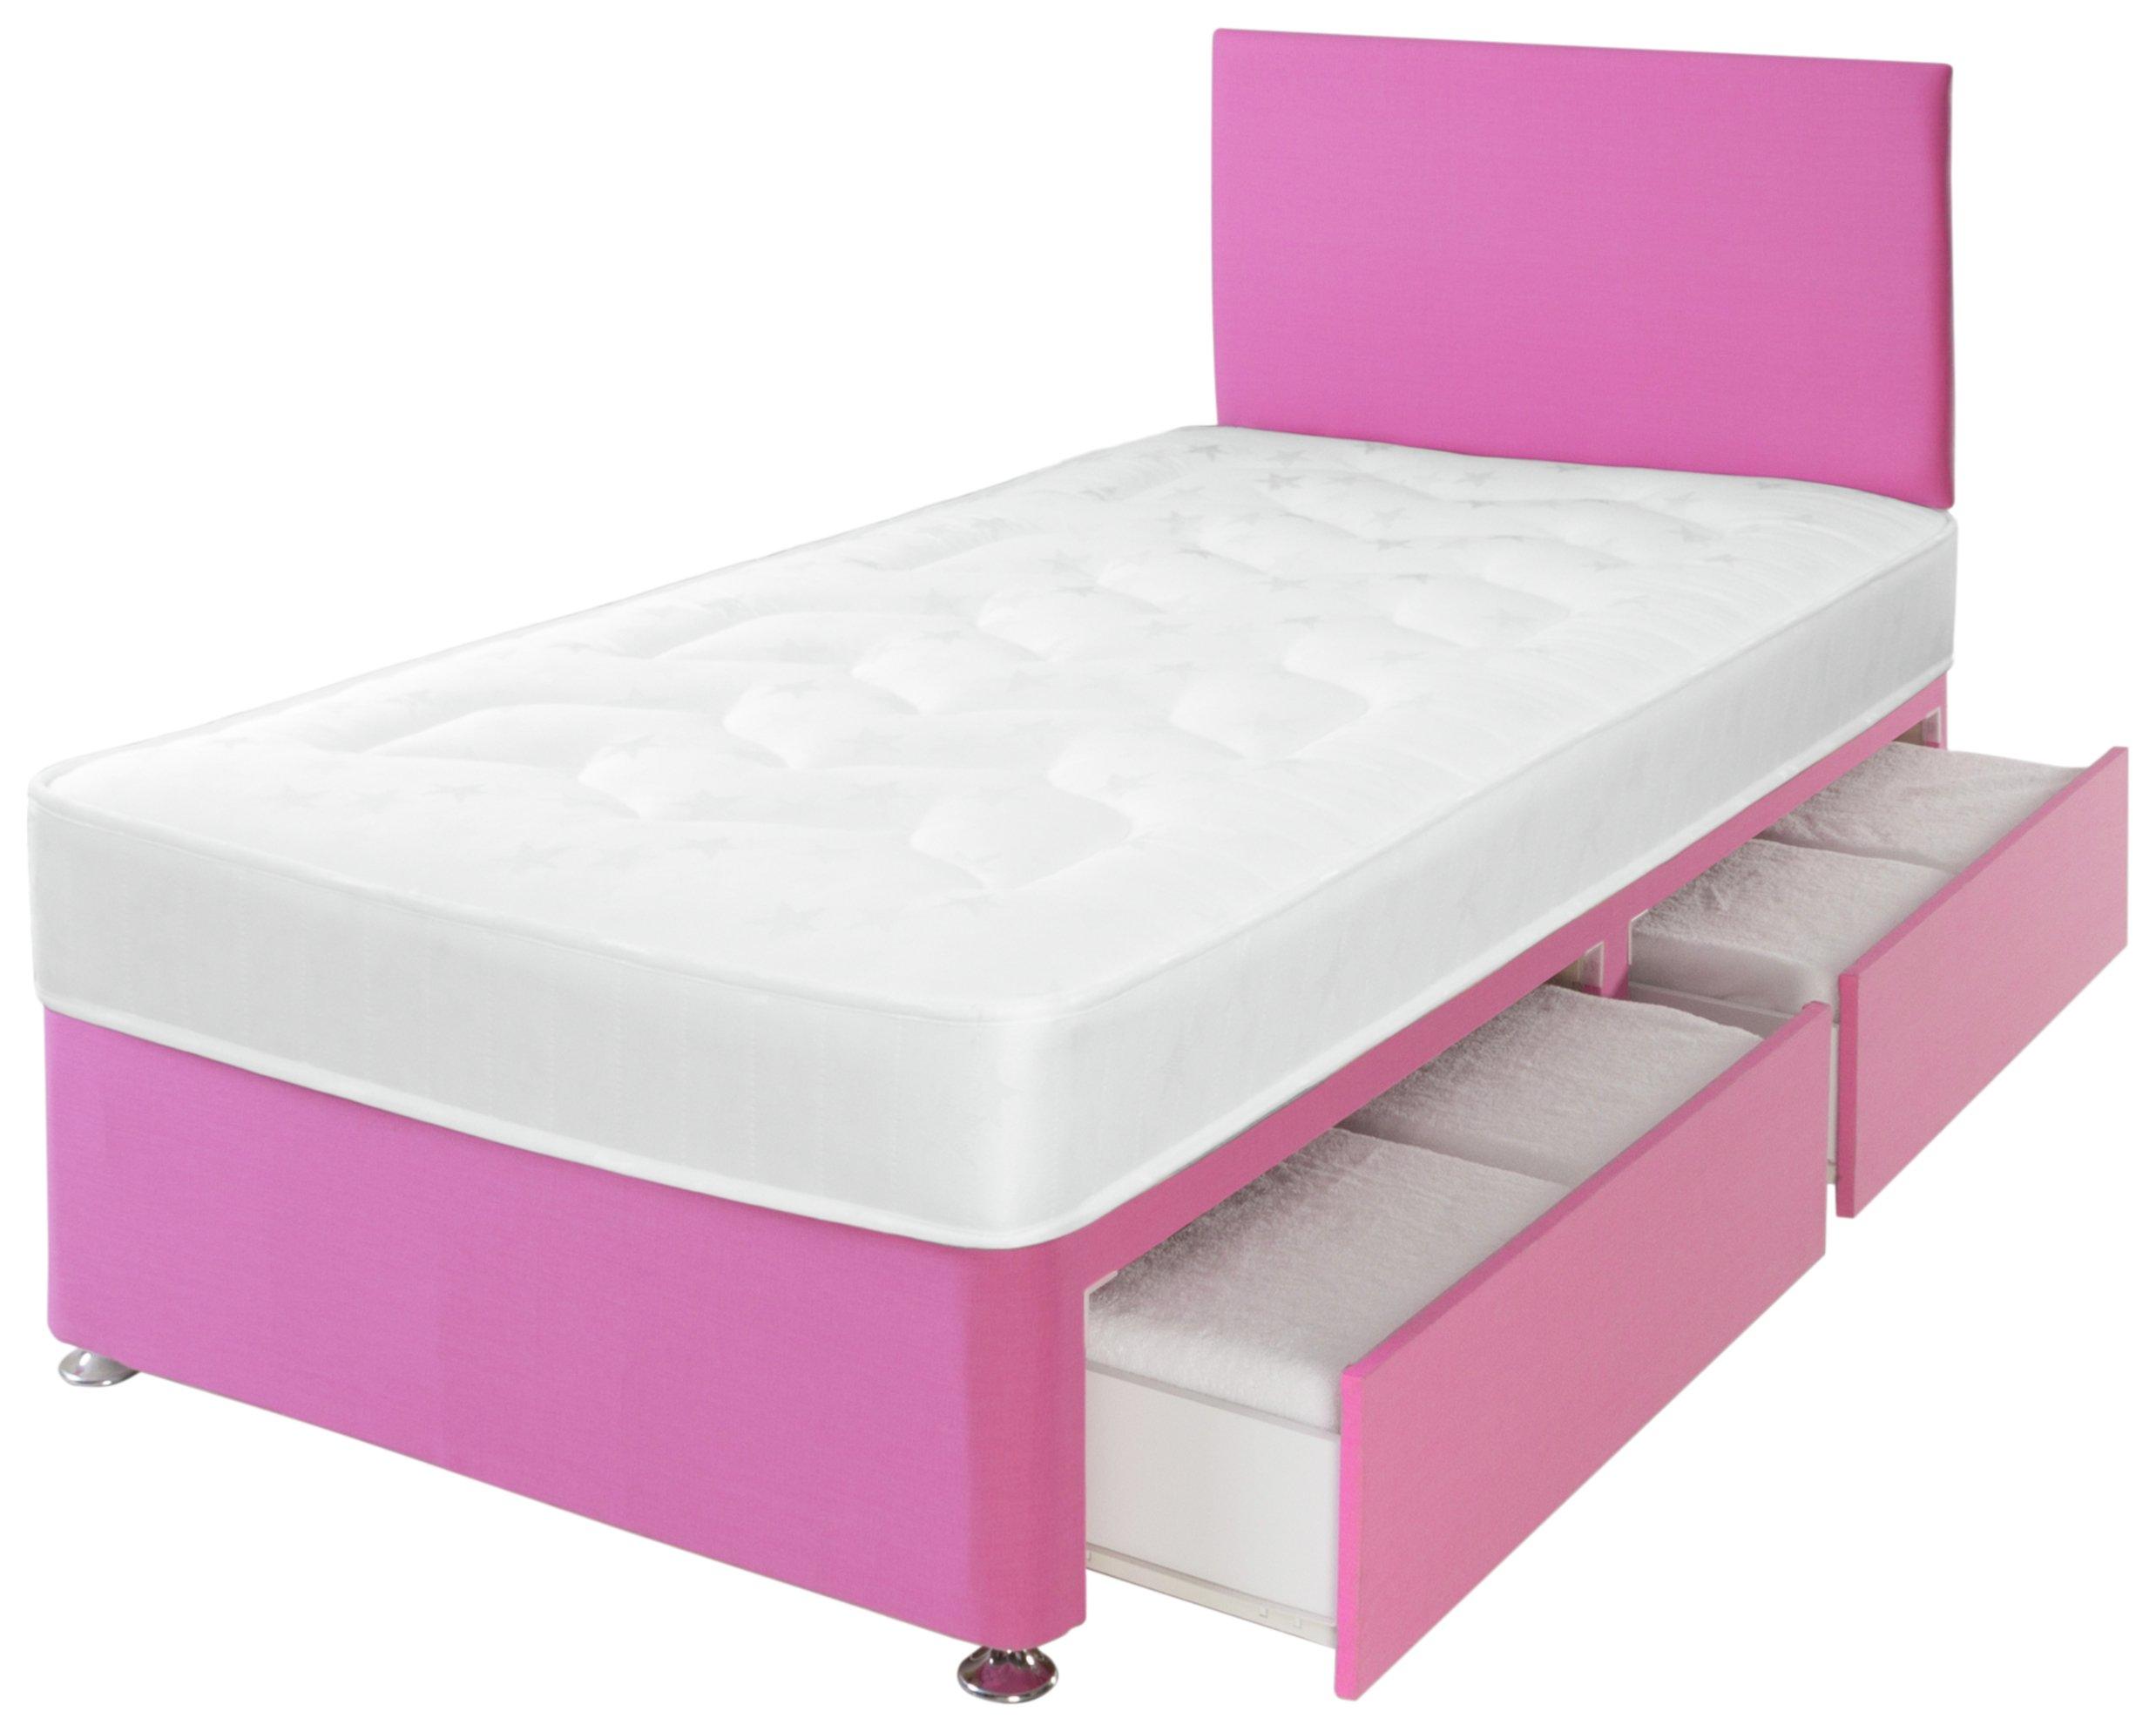 Airsprung Elliott Storage Divan with Headboard - Pink